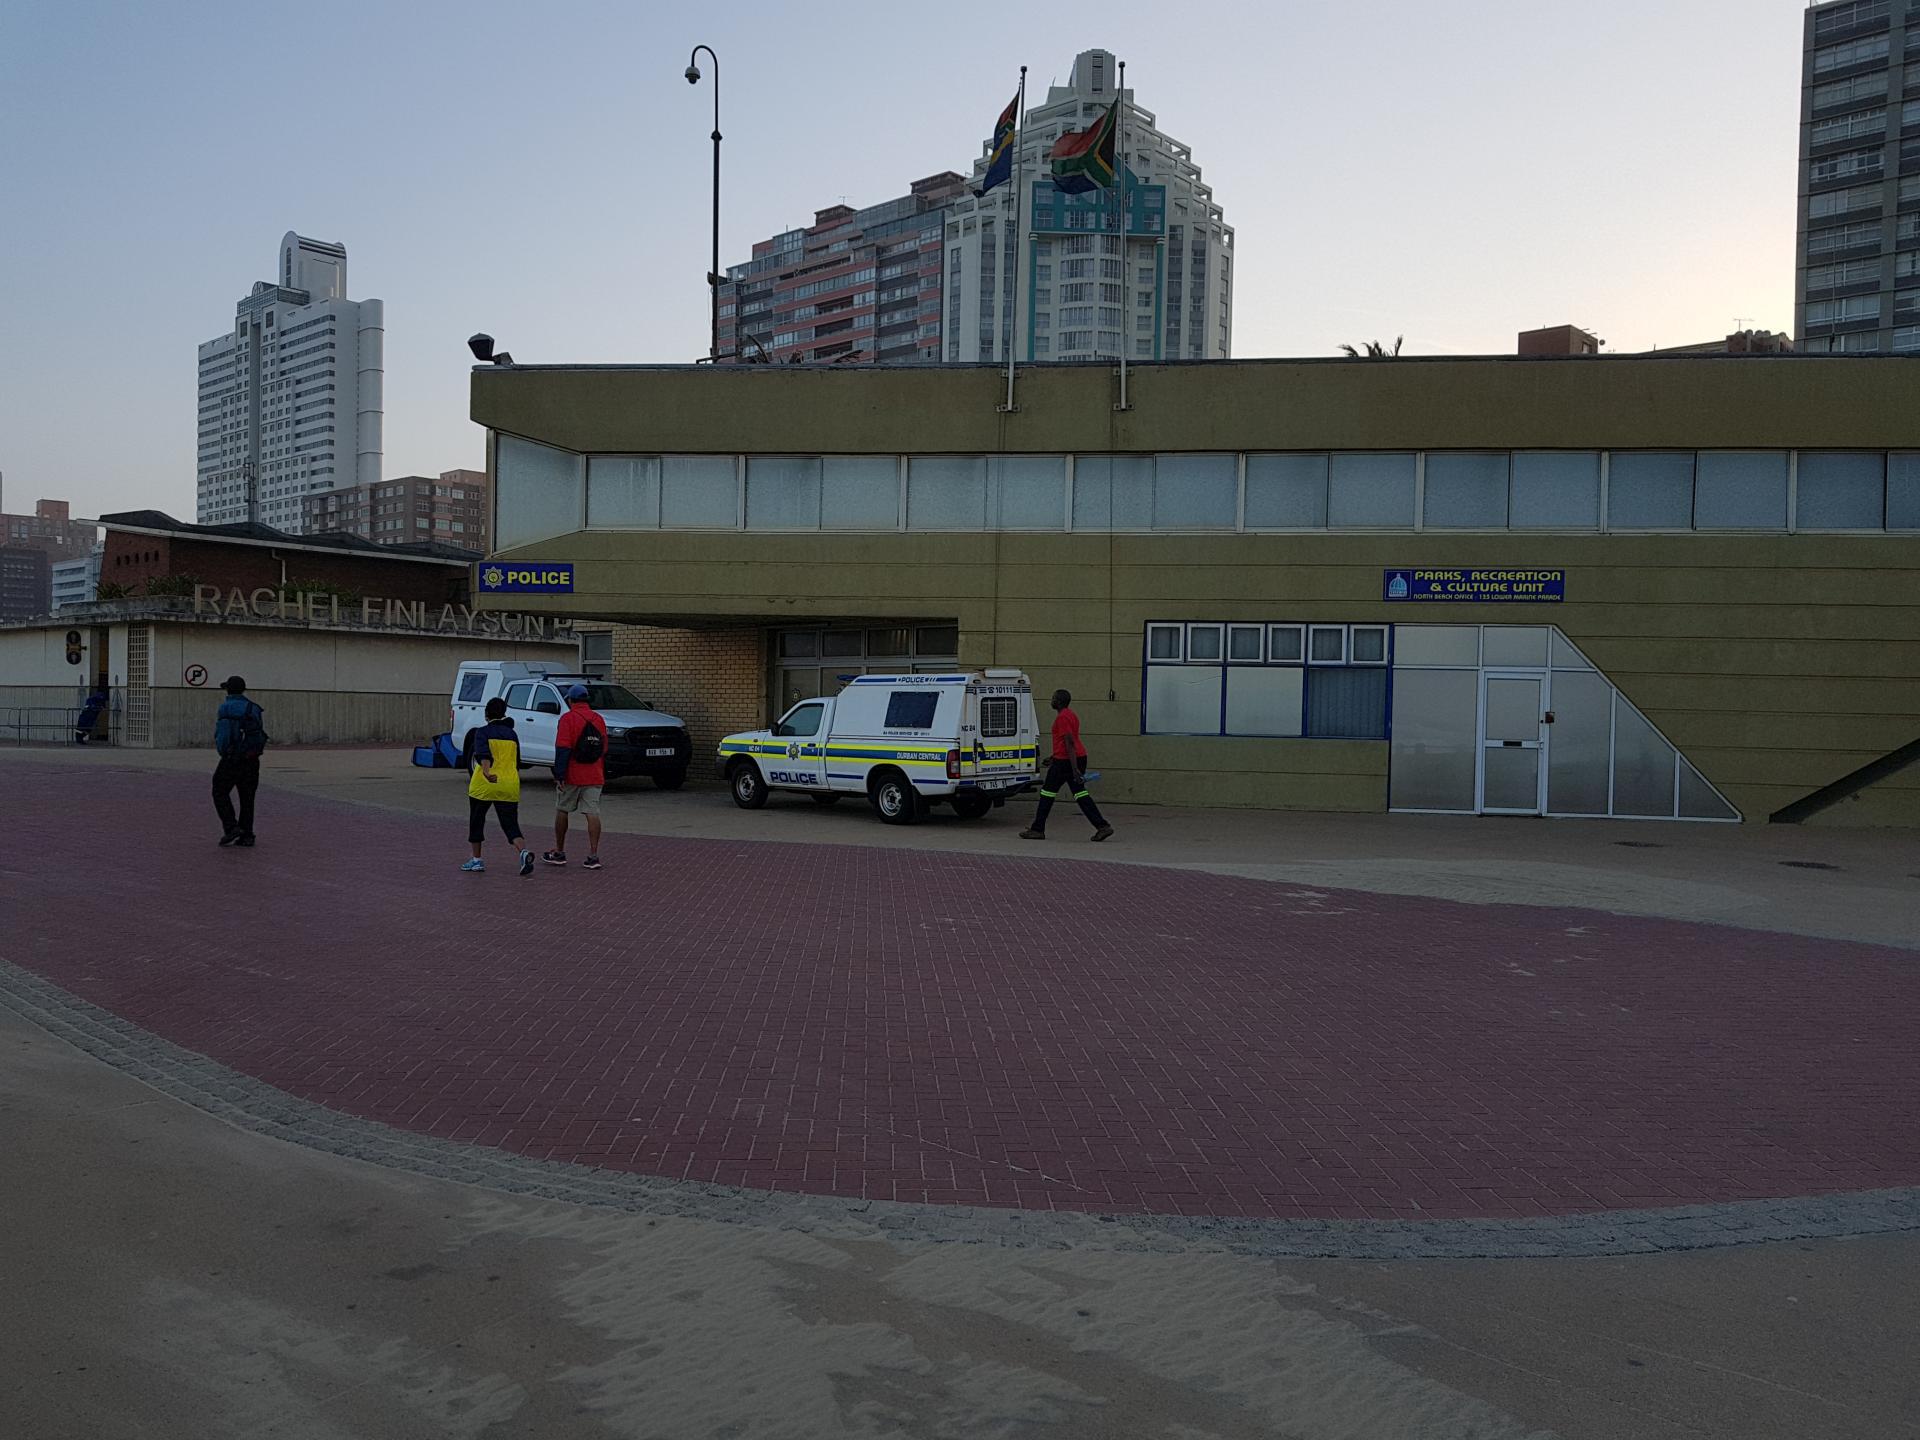 полицейский участок в Дурбане, ЮАР